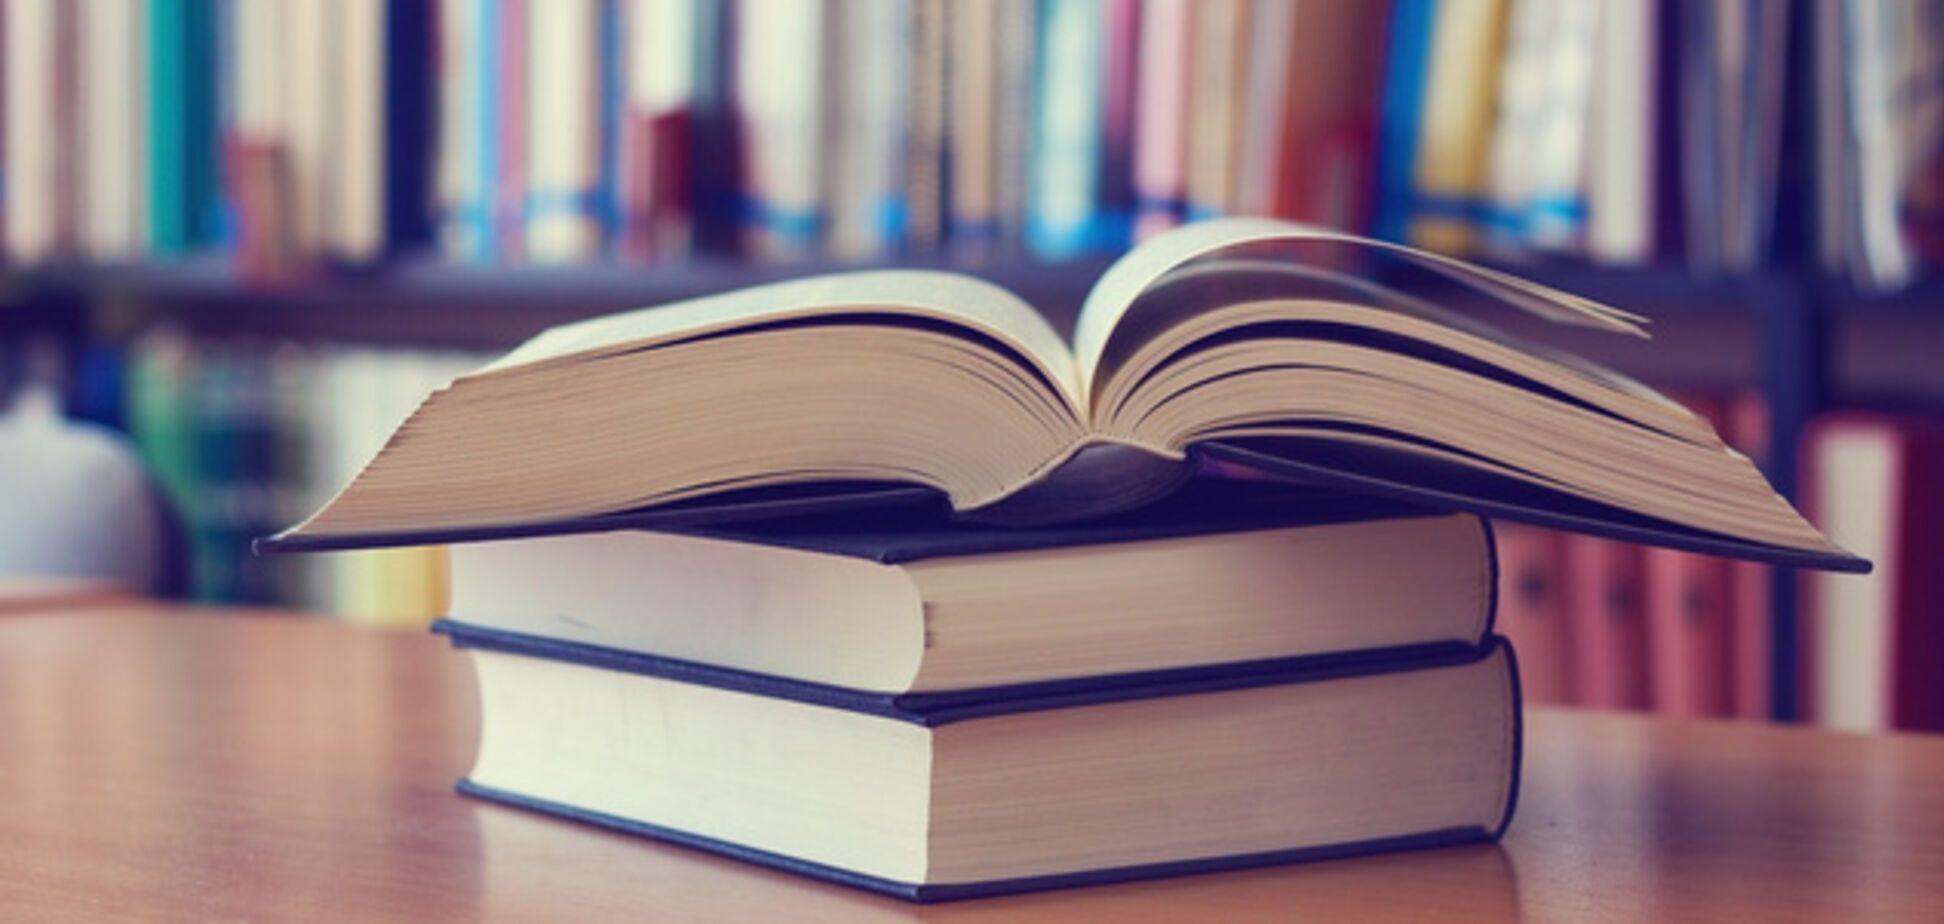 Президентский must read: Порошенко назвал топ-6 книг 2017 года